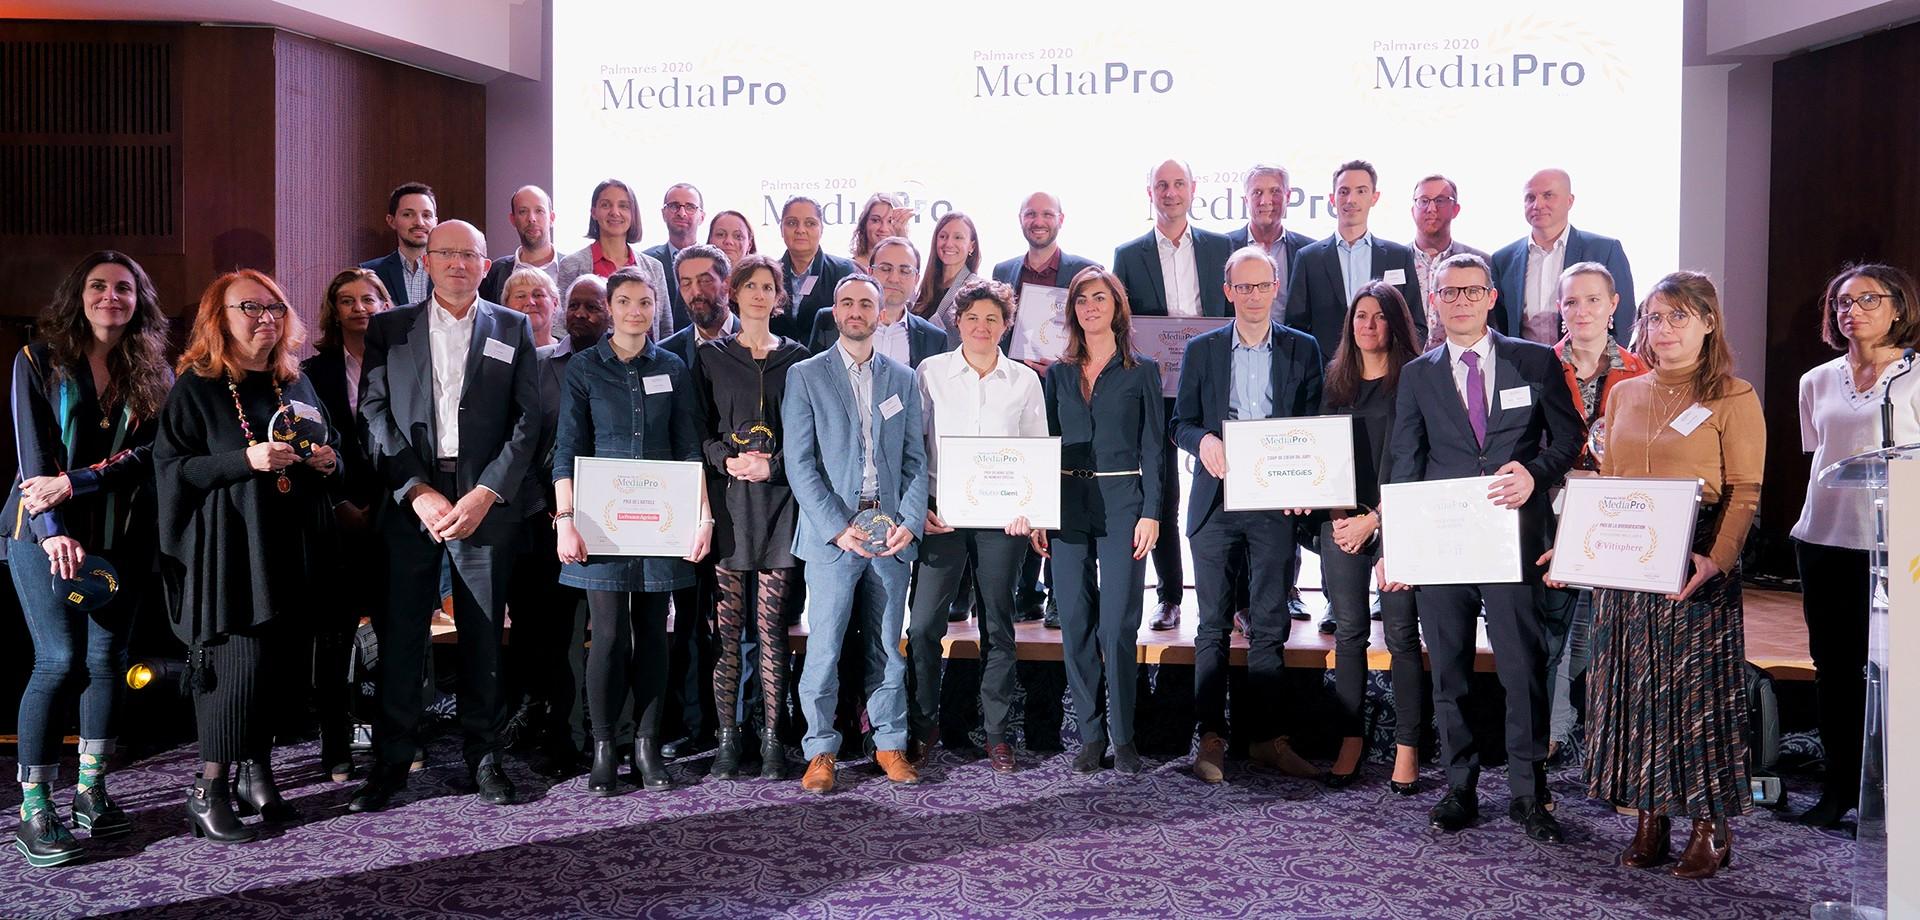 Palmarès MediaPro 2020: Découvrez les lauréats!